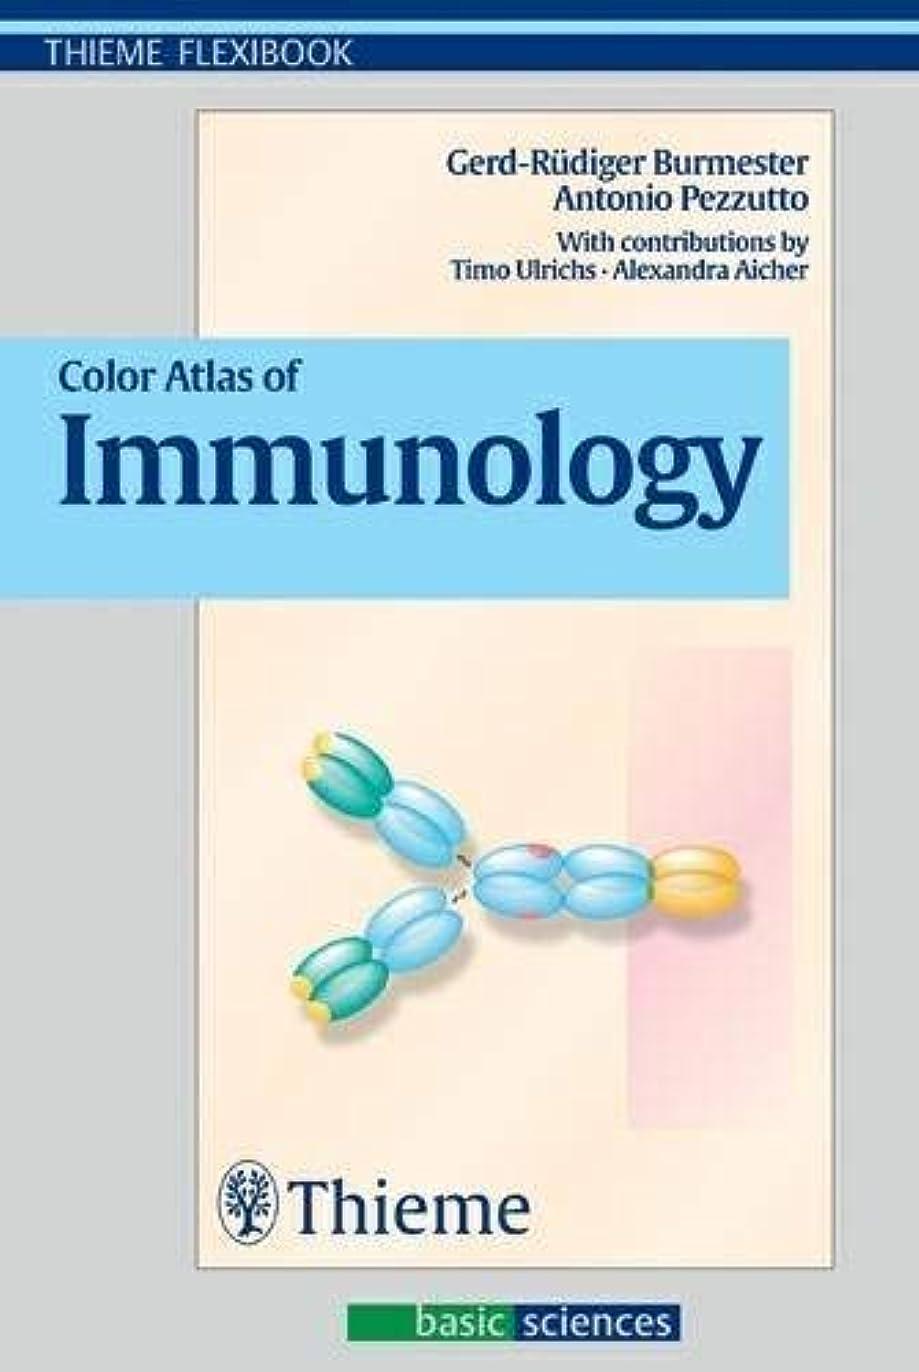 曲がったマニュアルアヒルColor Atlas of Immunology (Thieme Flexibook)